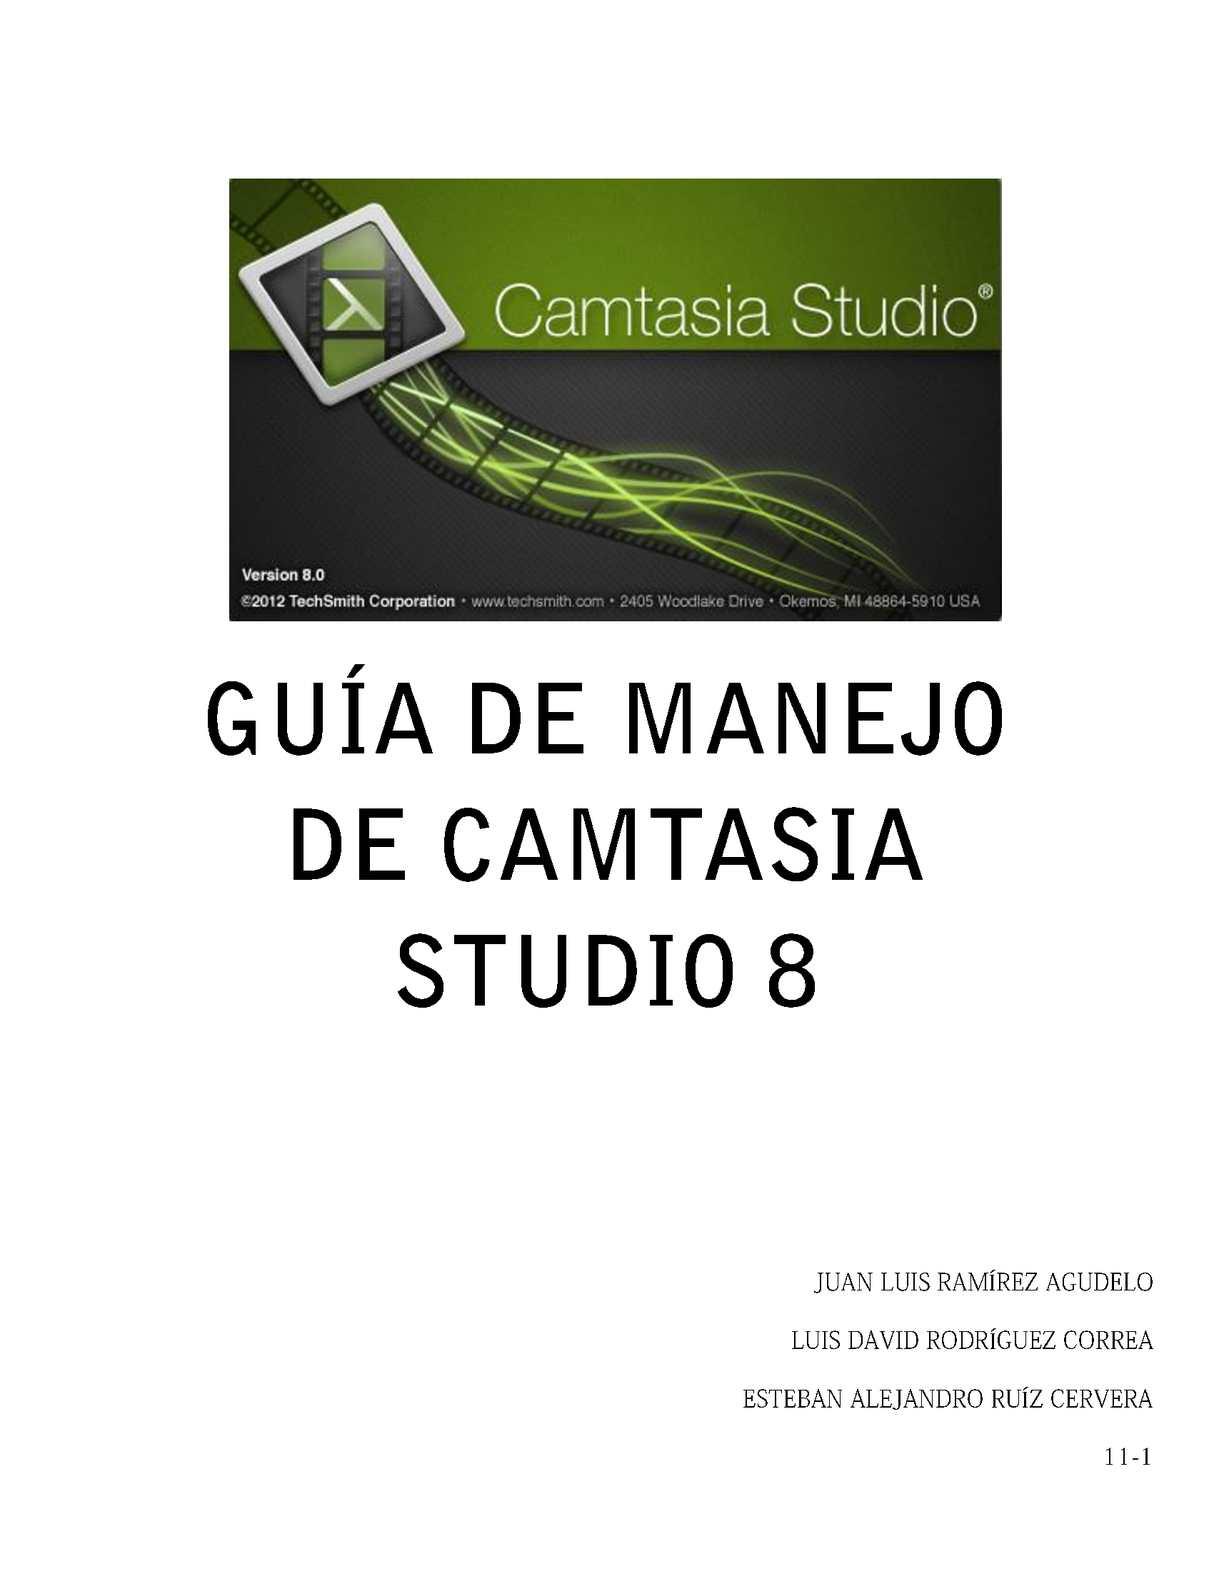 GUÍA CAMTASIA STUDIO 8